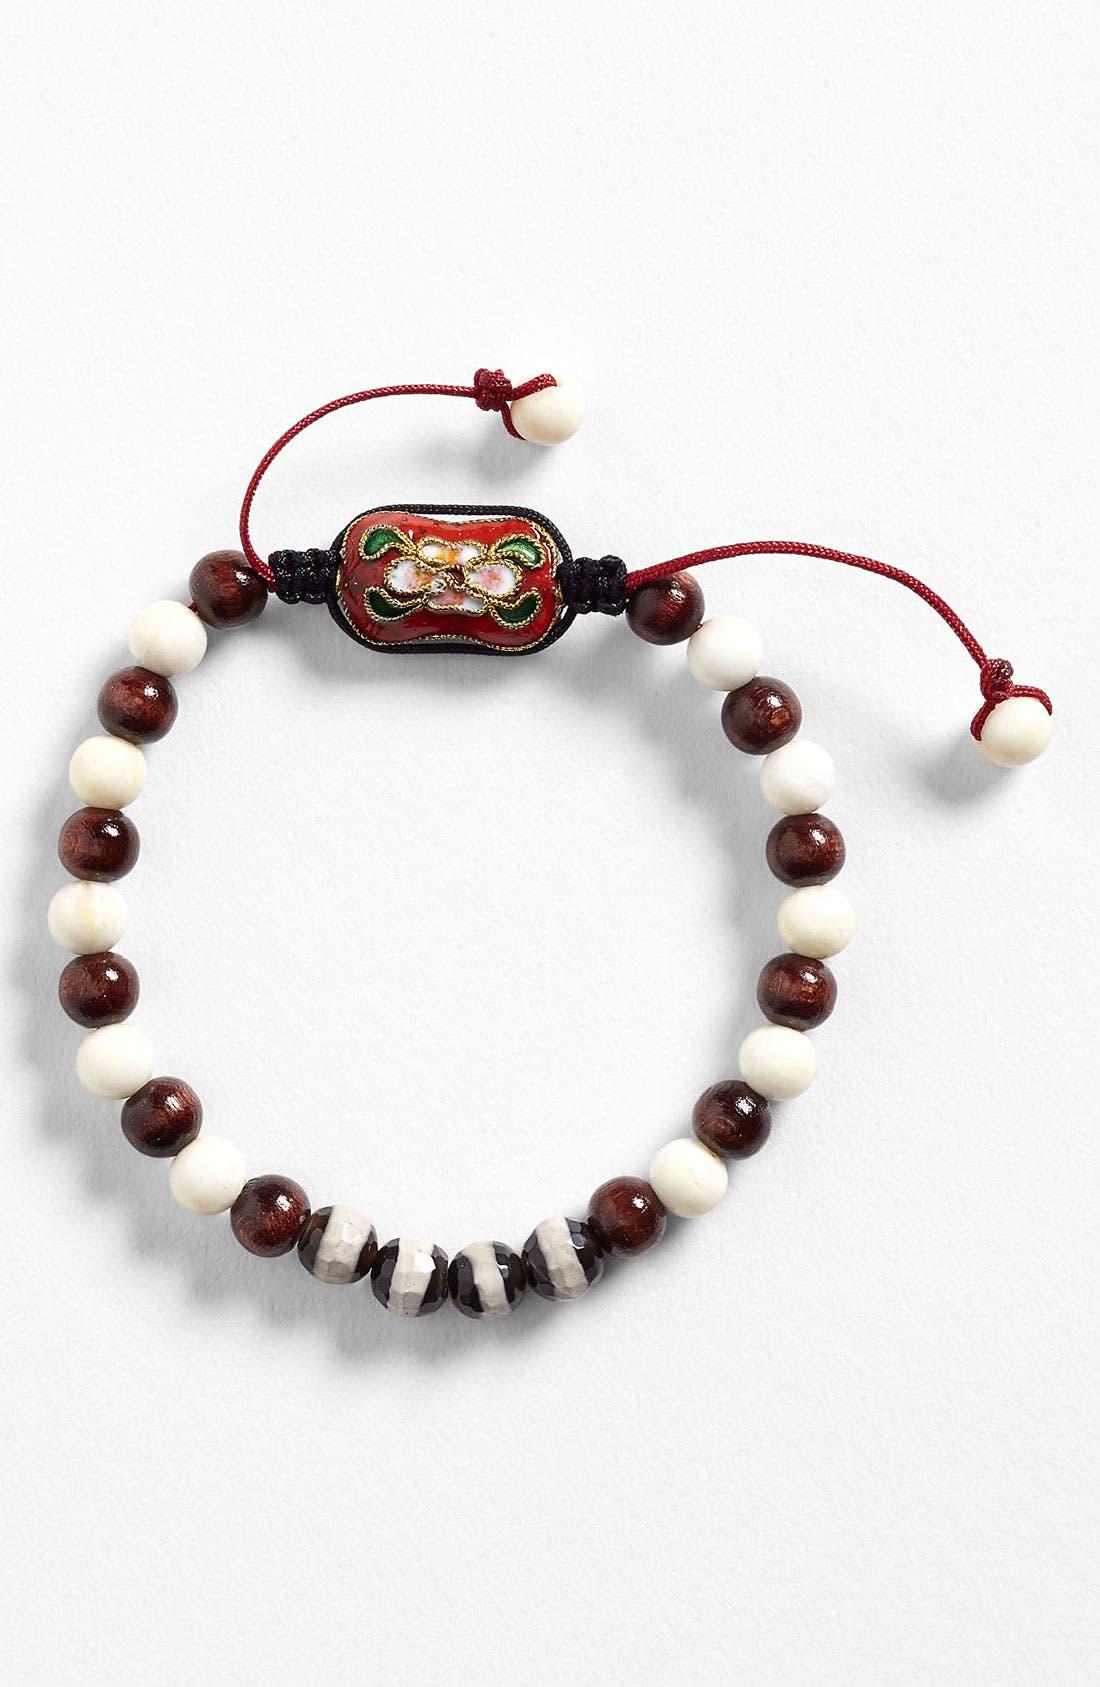 Alternate Image 1 Selected - Bonnie Jonas 'Spirit' Cloisonné Friendship Bracelet